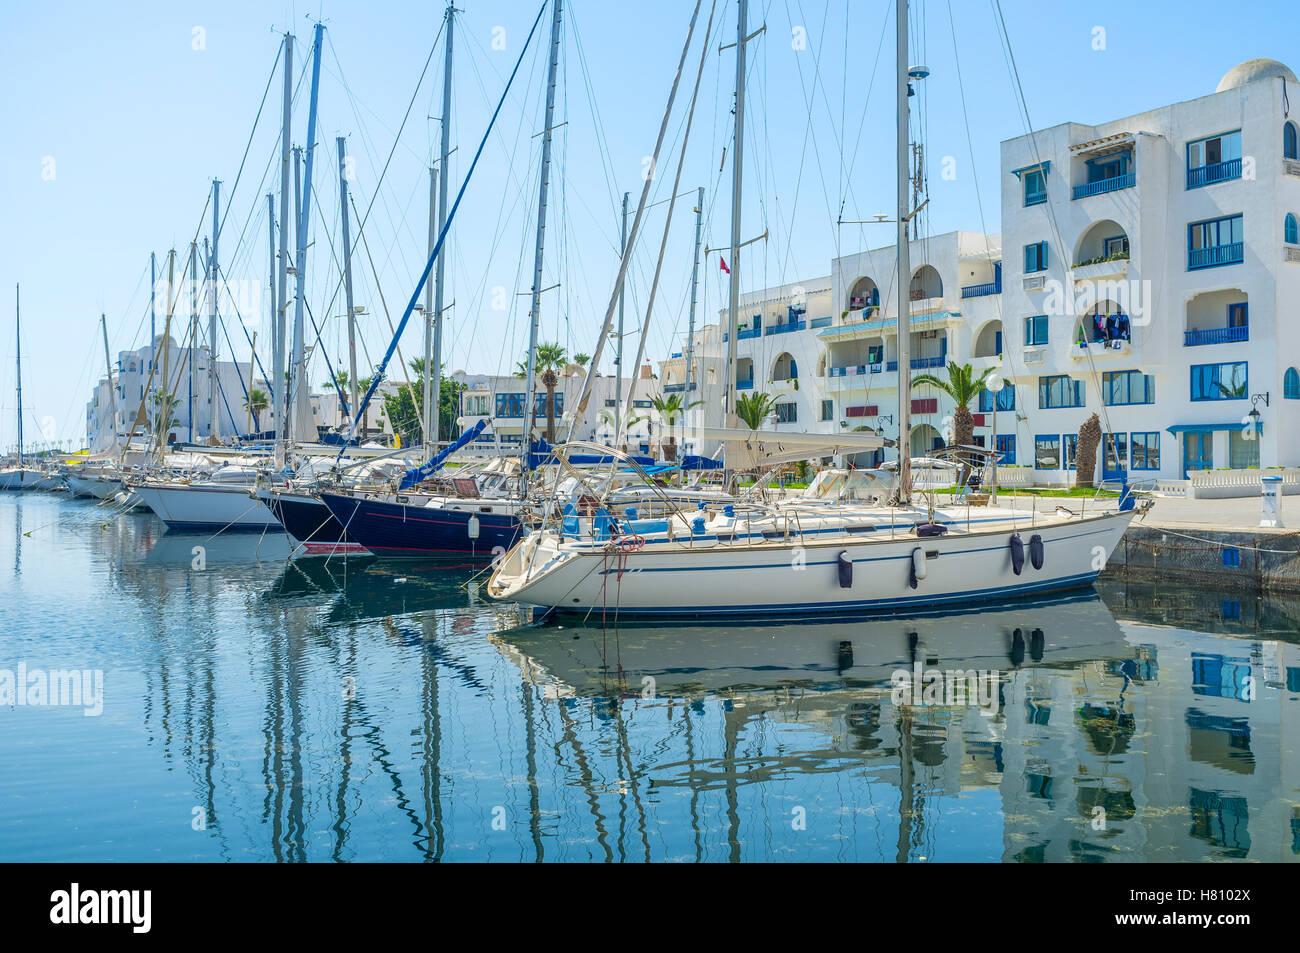 Los hermosos yates espere para los viajes, Monastir, Túnez. Imagen De Stock